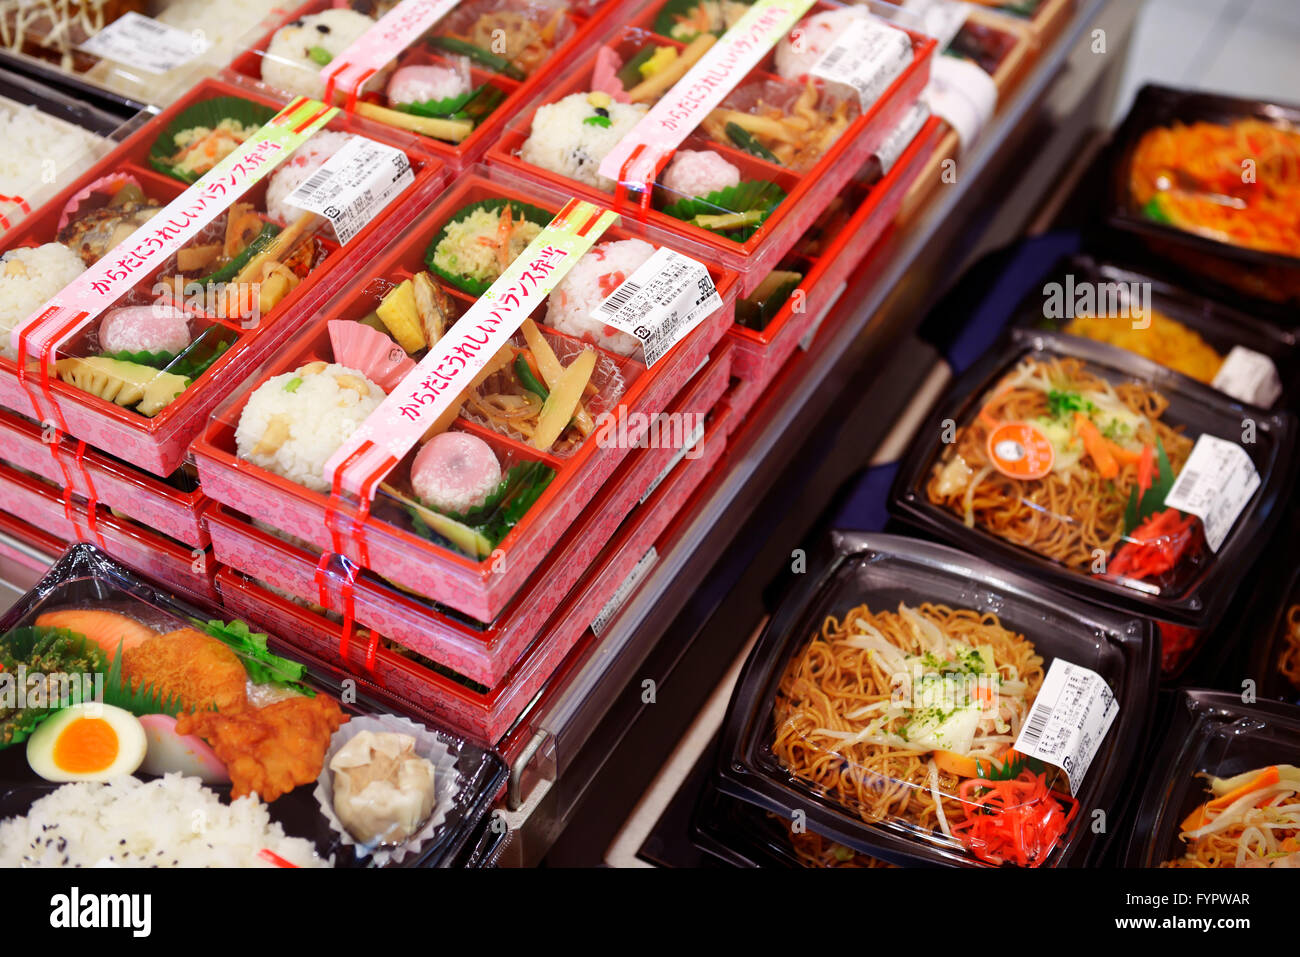 Confezionato convenience food in un supermercato giapponese a Tokyo, Giappone Immagini Stock